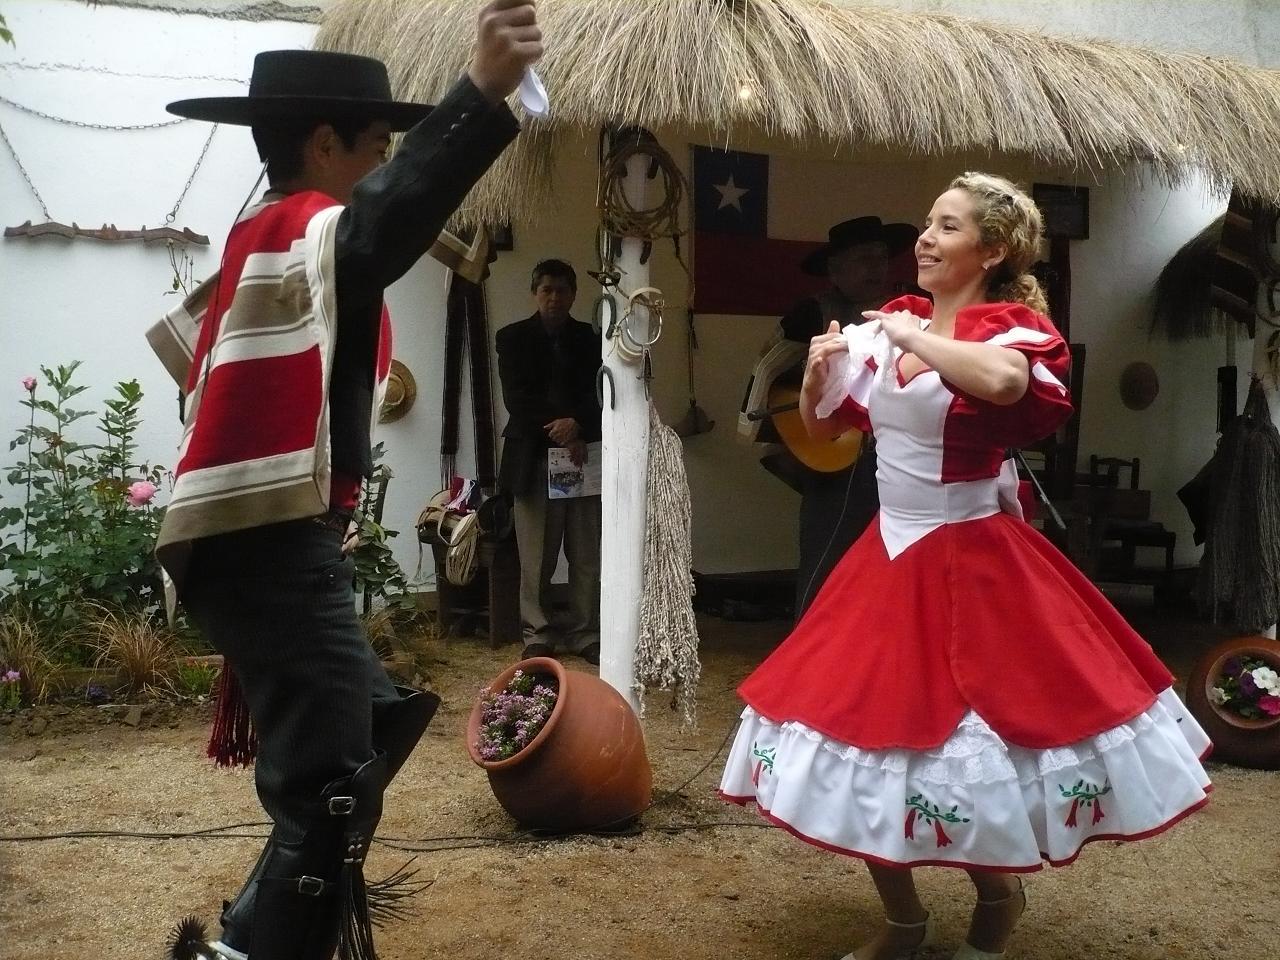 Latina bailando sobre la cama - 3 part 9